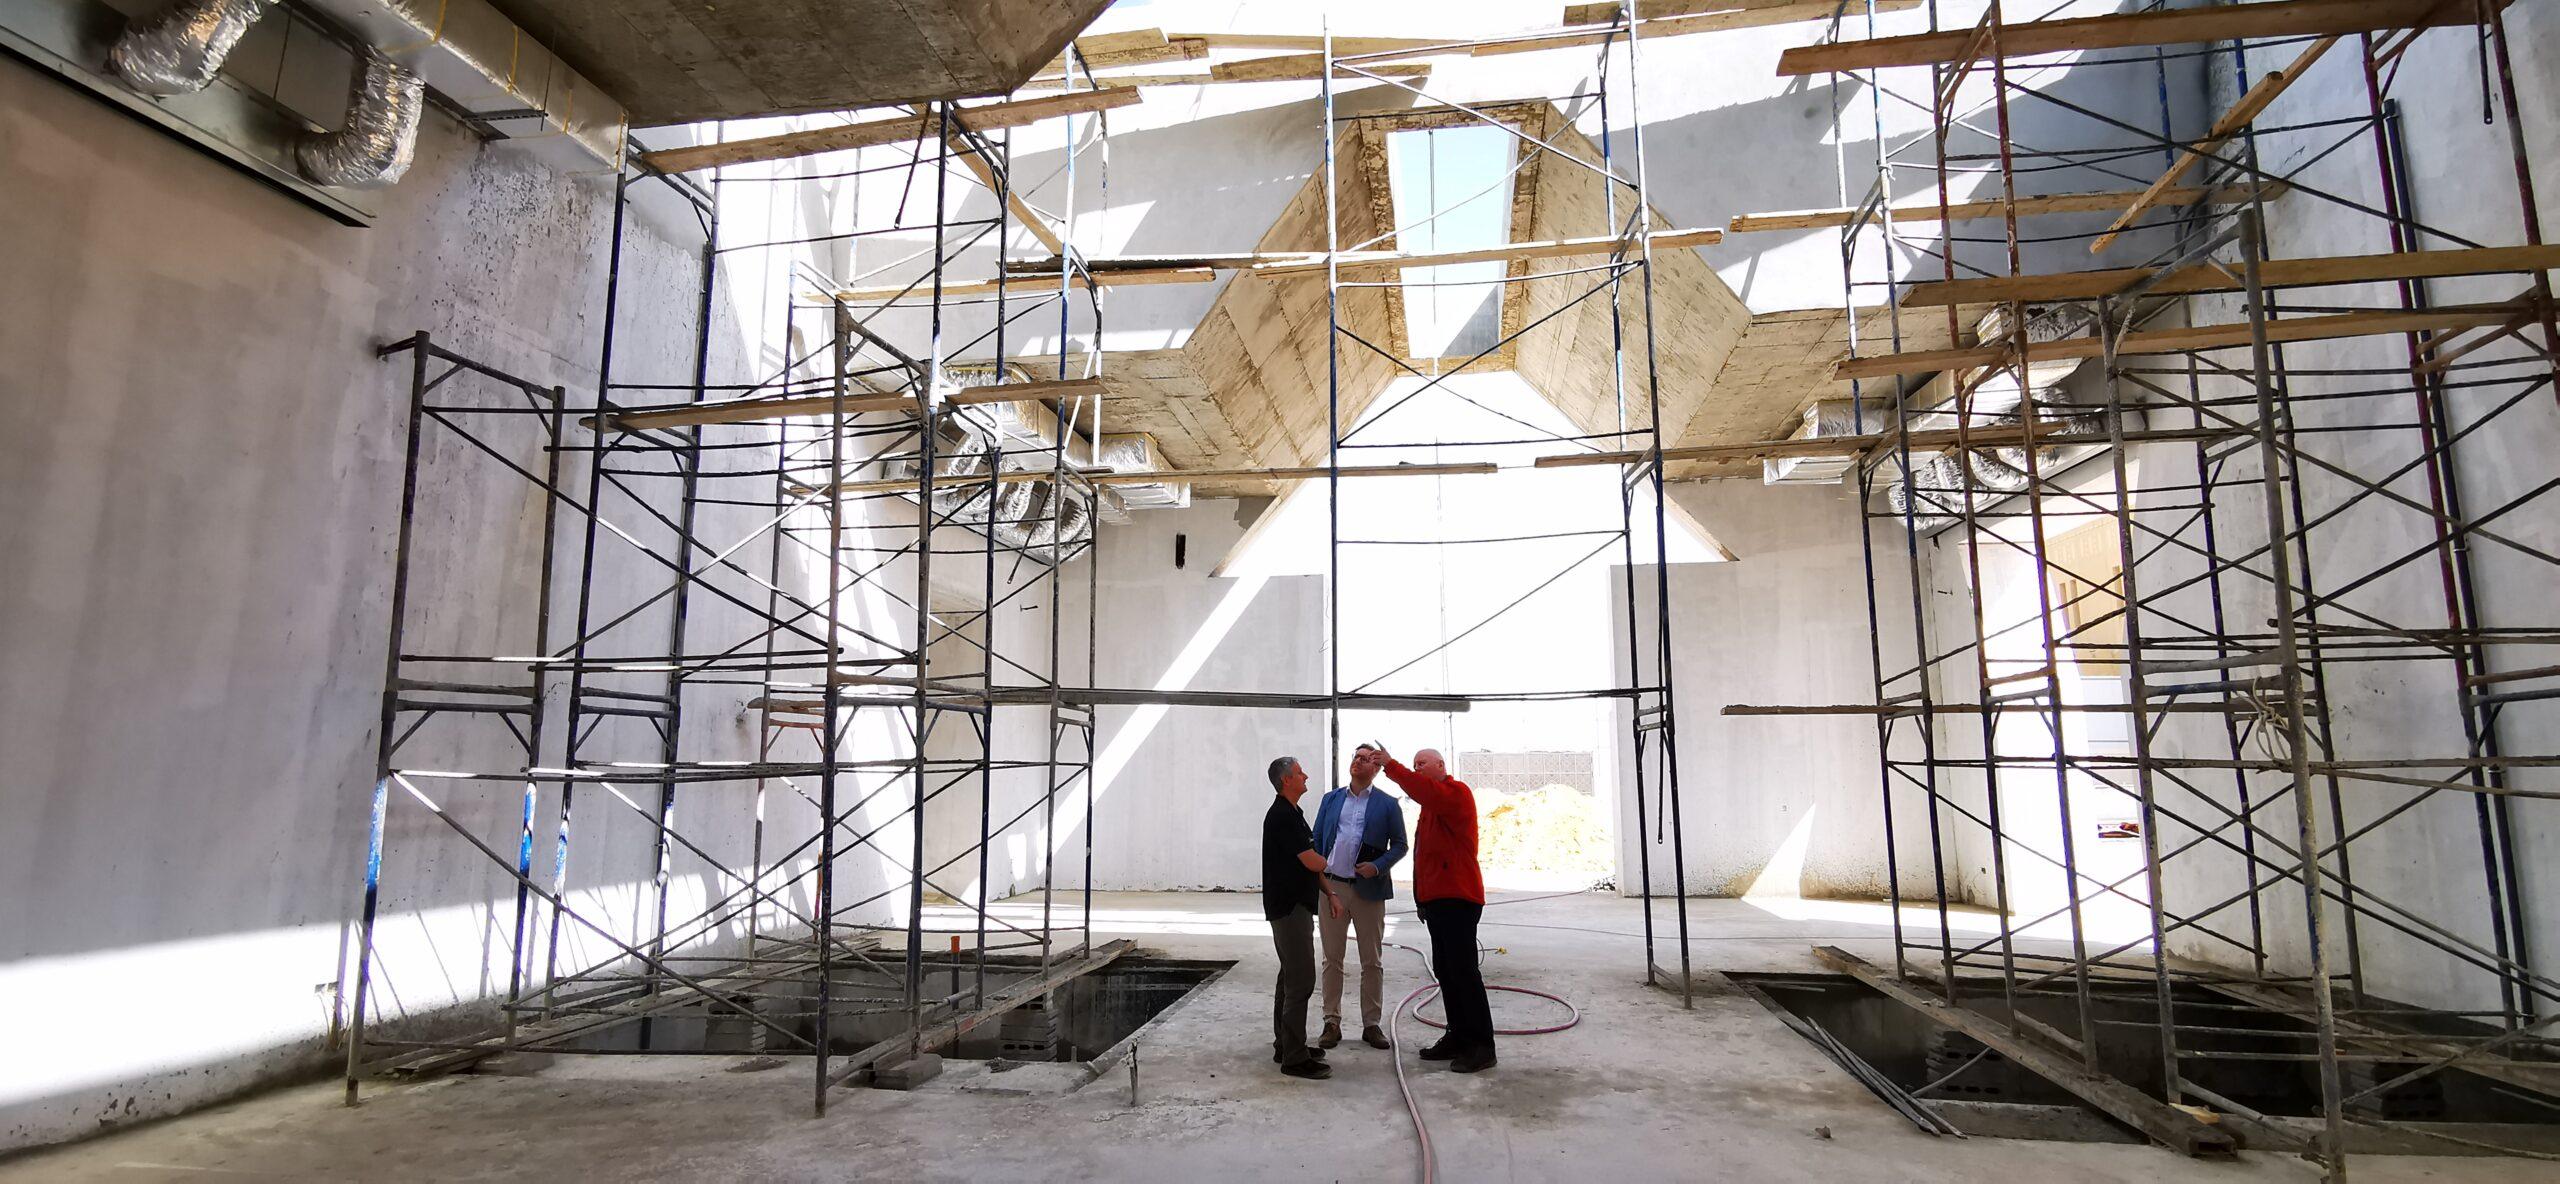 Chris Walmsley with our MD, Joe on a site survey in Riyadh, Saudi Arabia